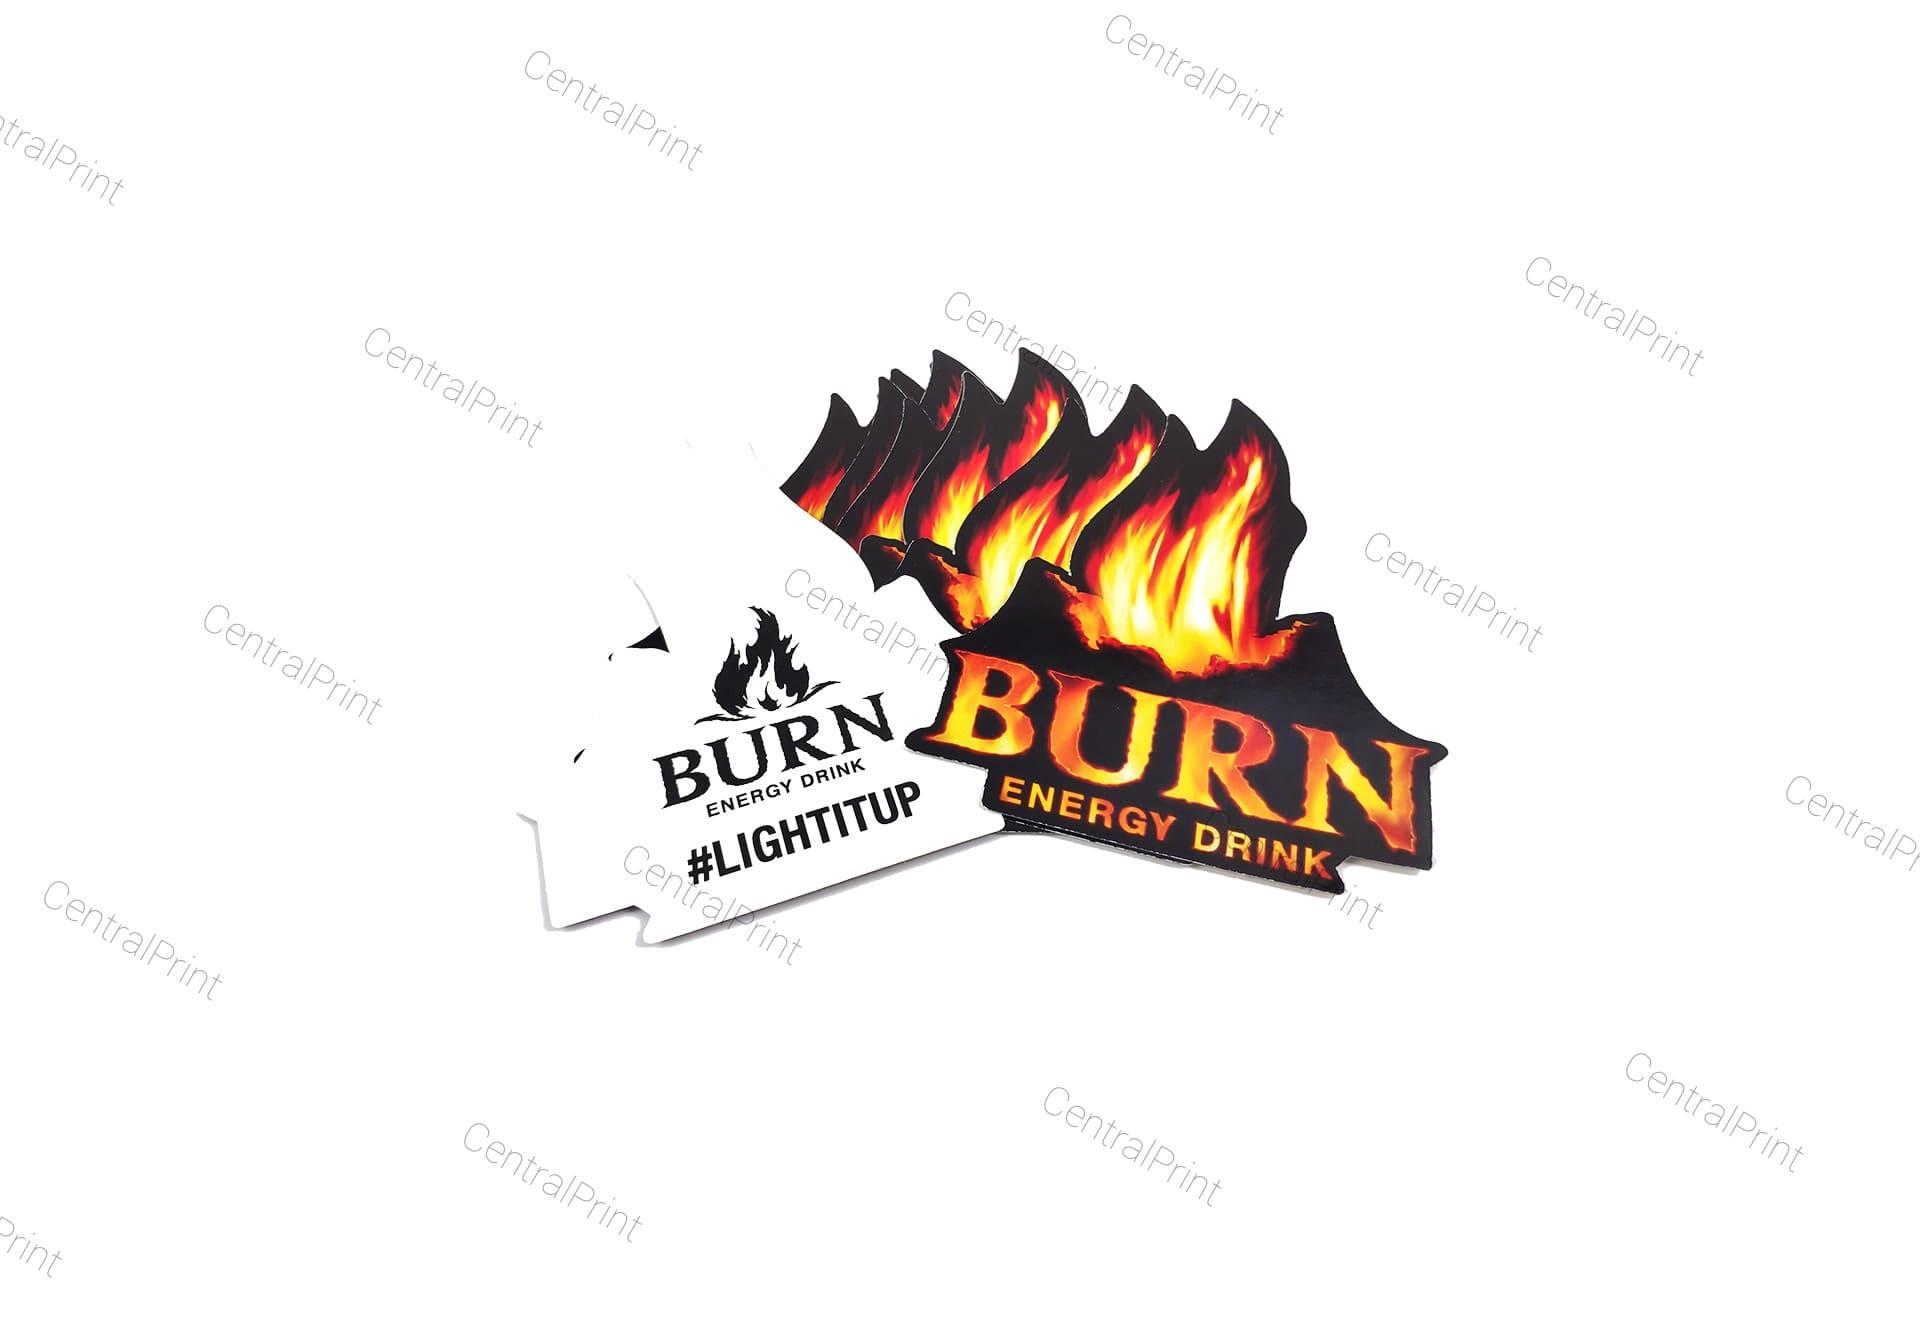 фигурные наклейки в виде логотипа